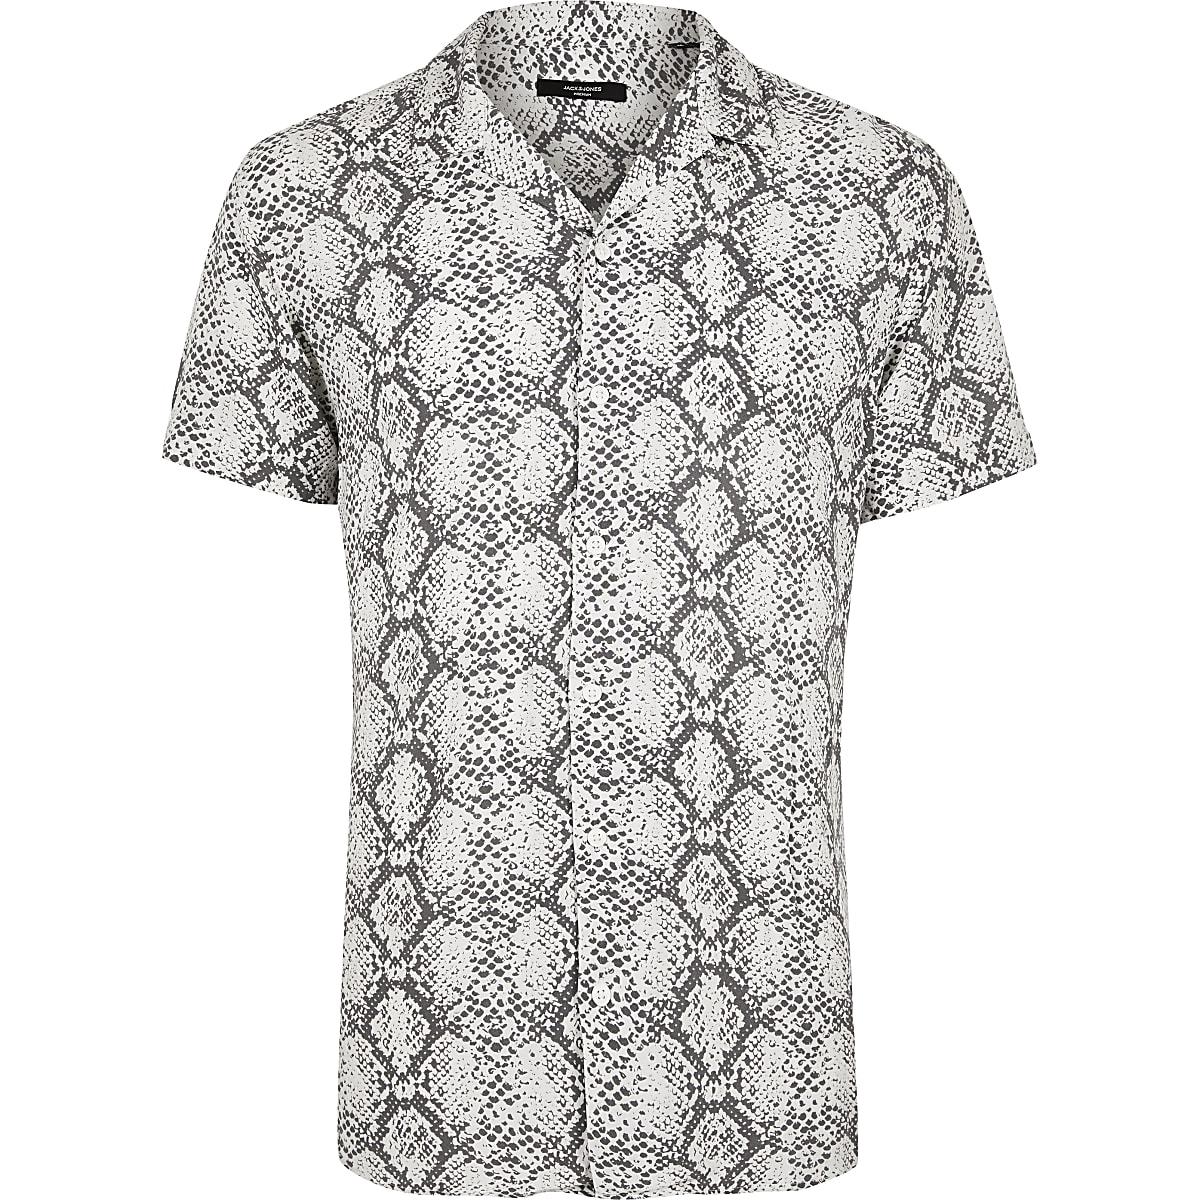 Jack and Jones white snake print short shirt